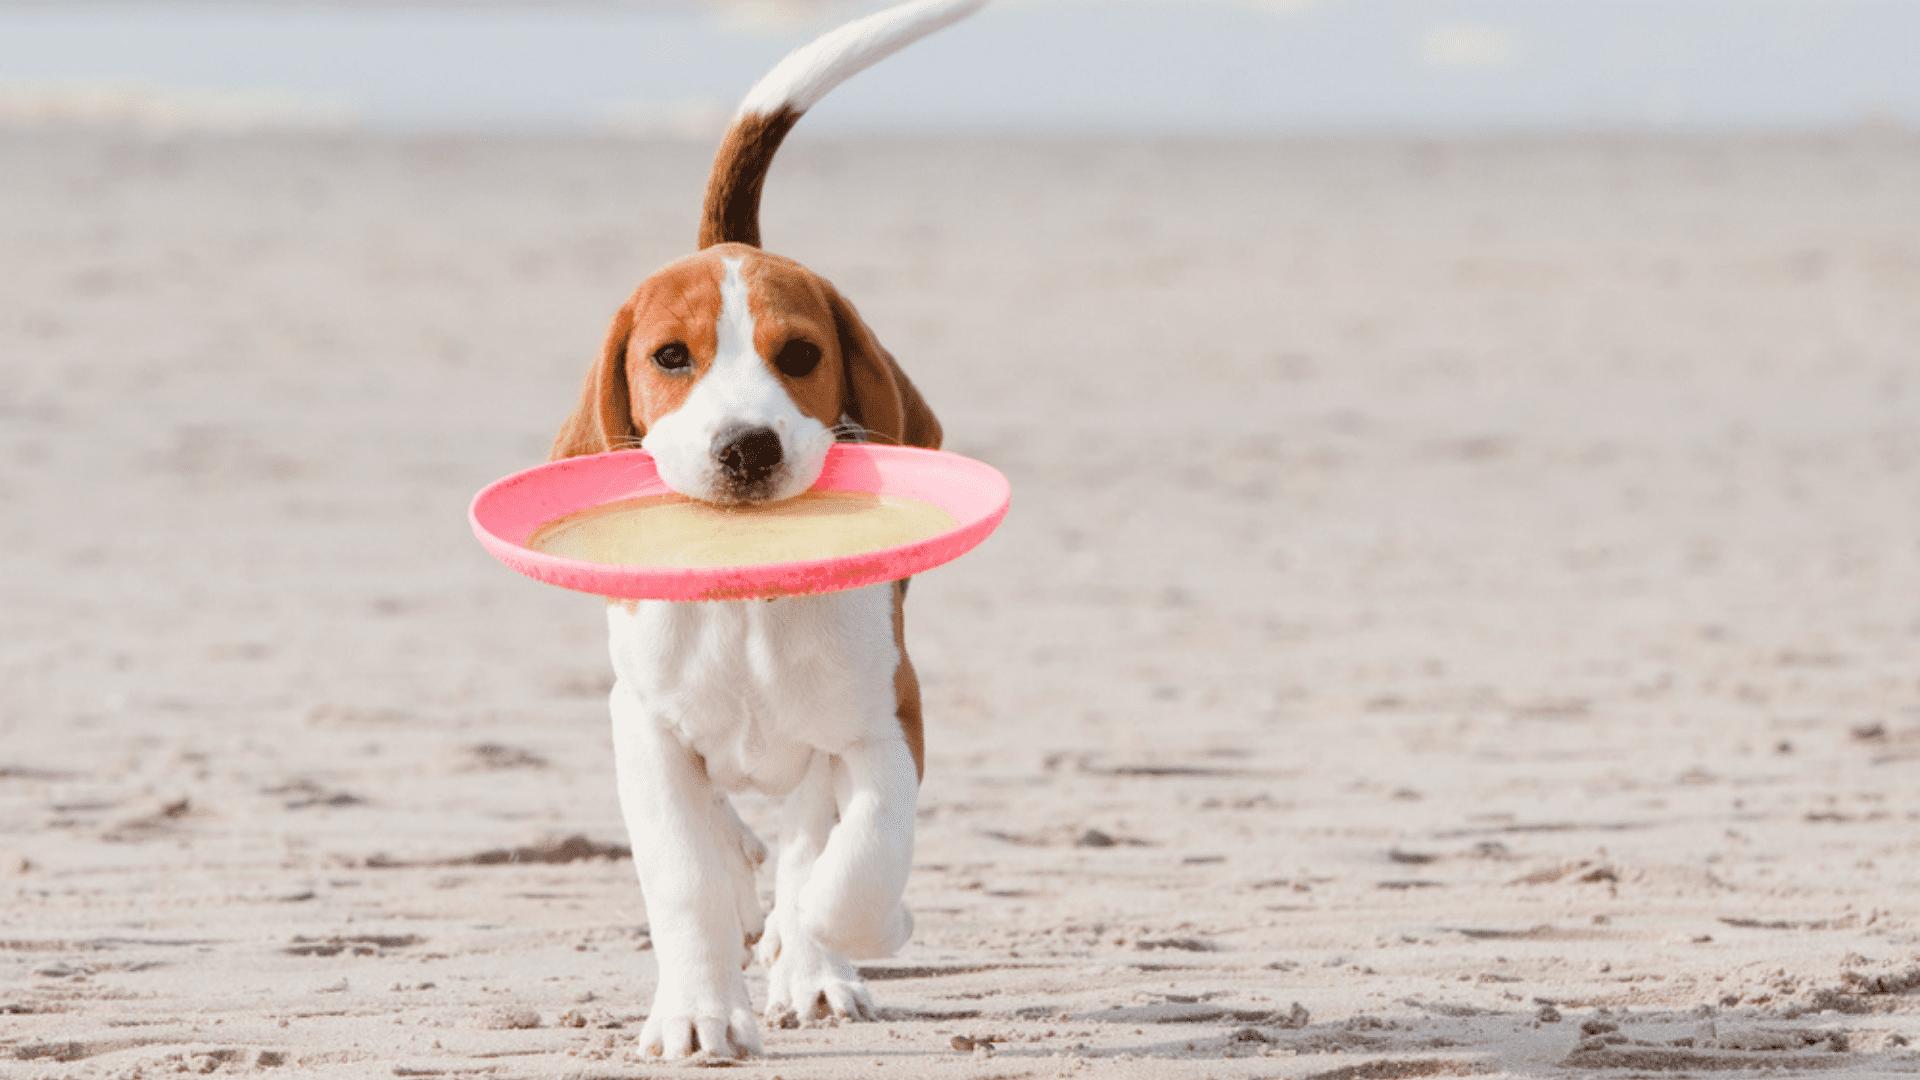 O frisbee para cachorro é um ótimo brinquedo para incentivar o cão a correr e saltar (Reprodução/Shutterstock)